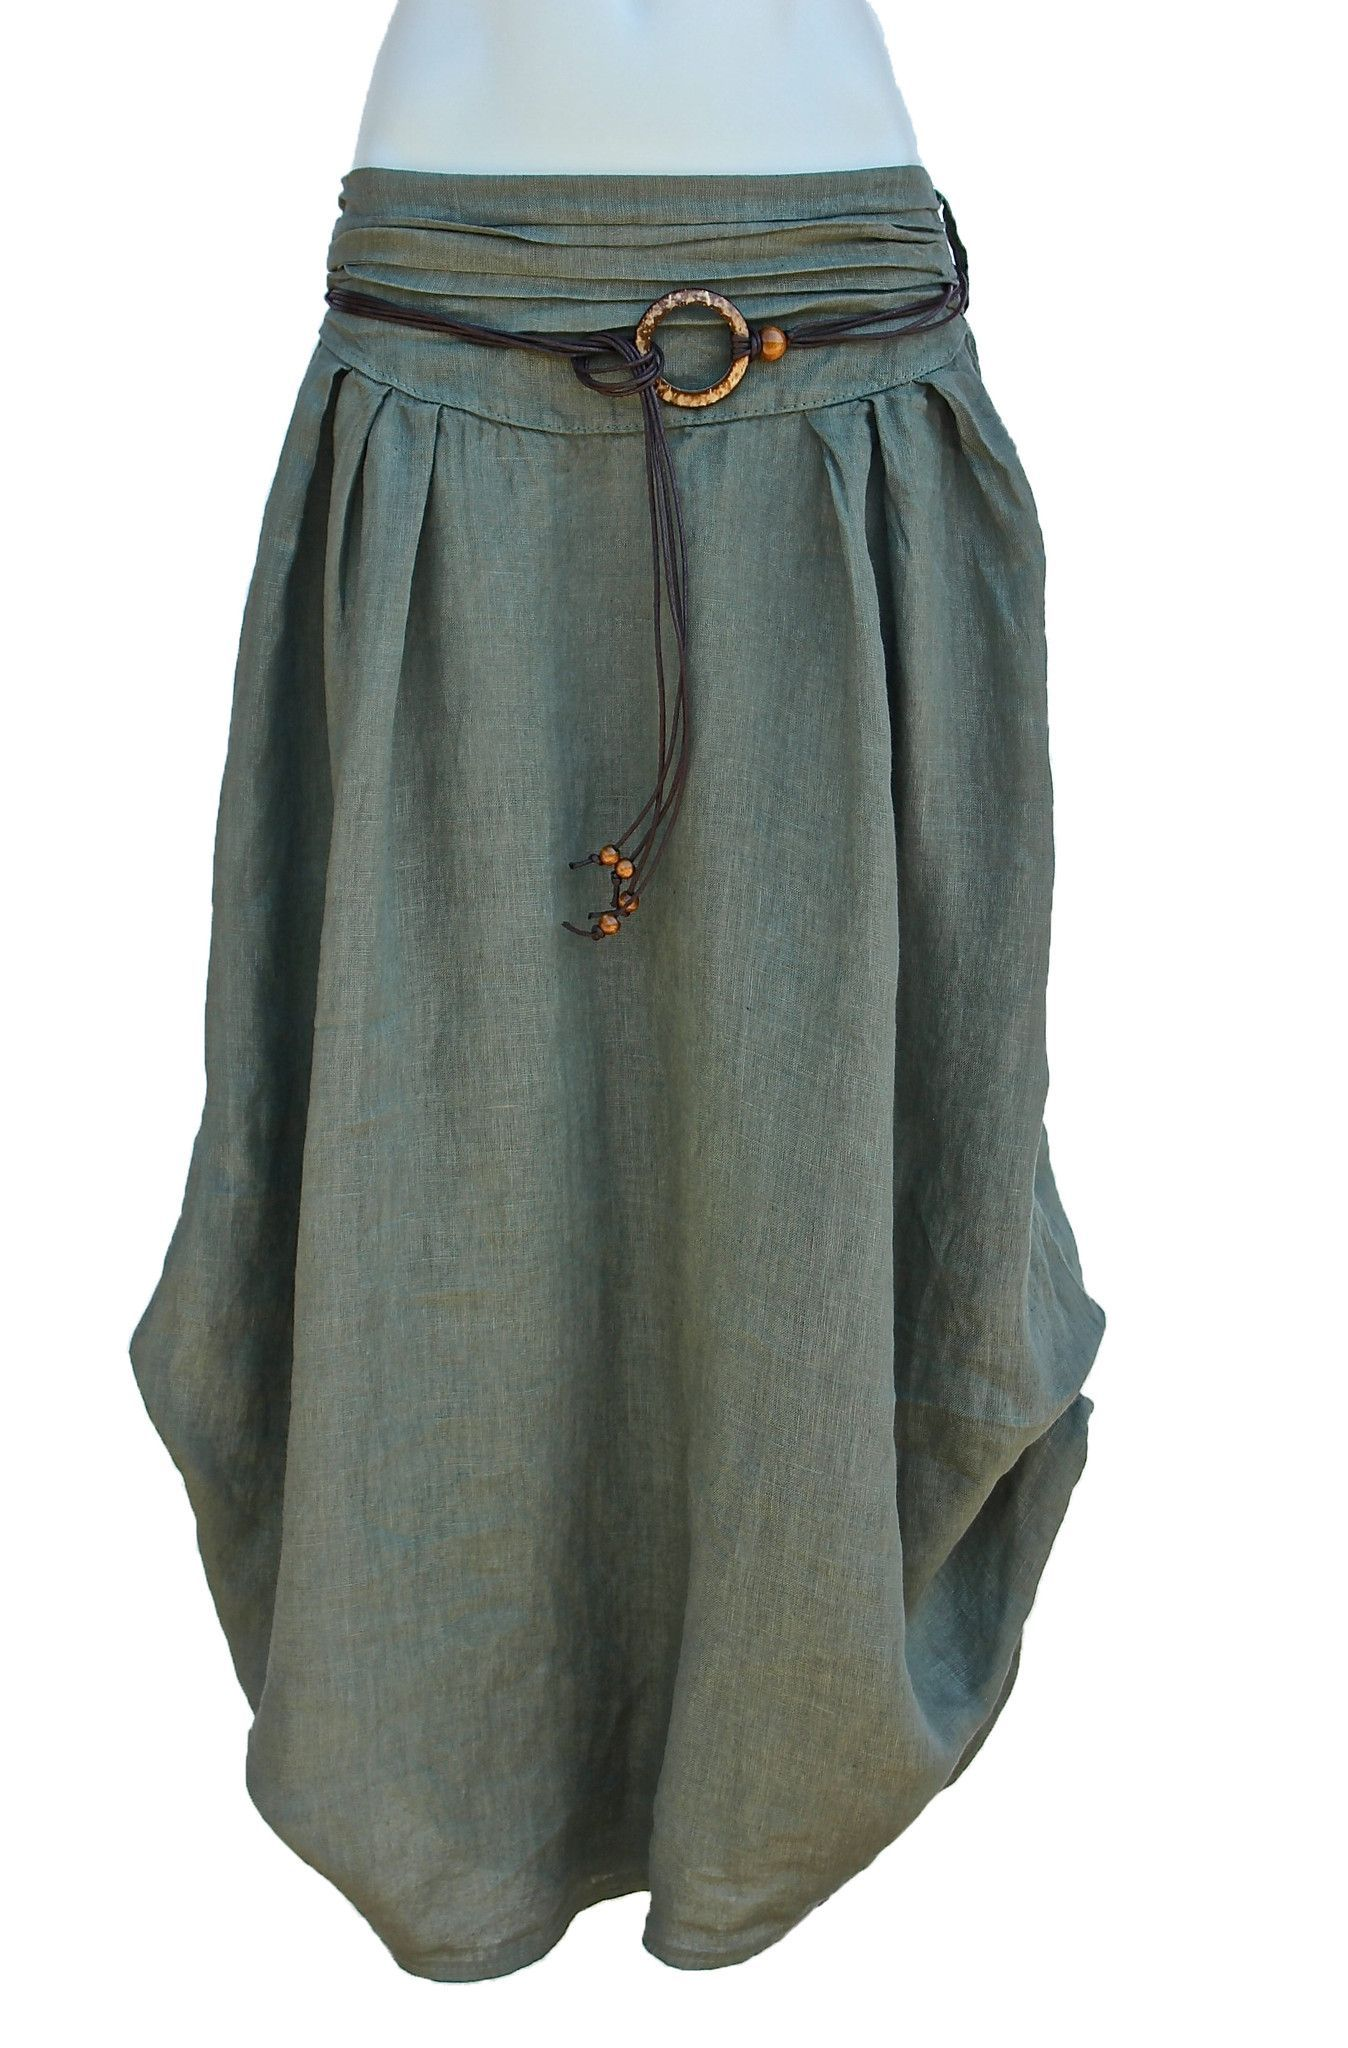 d848976f72 Linen Skirt - flax - Women s dressing from Europe.